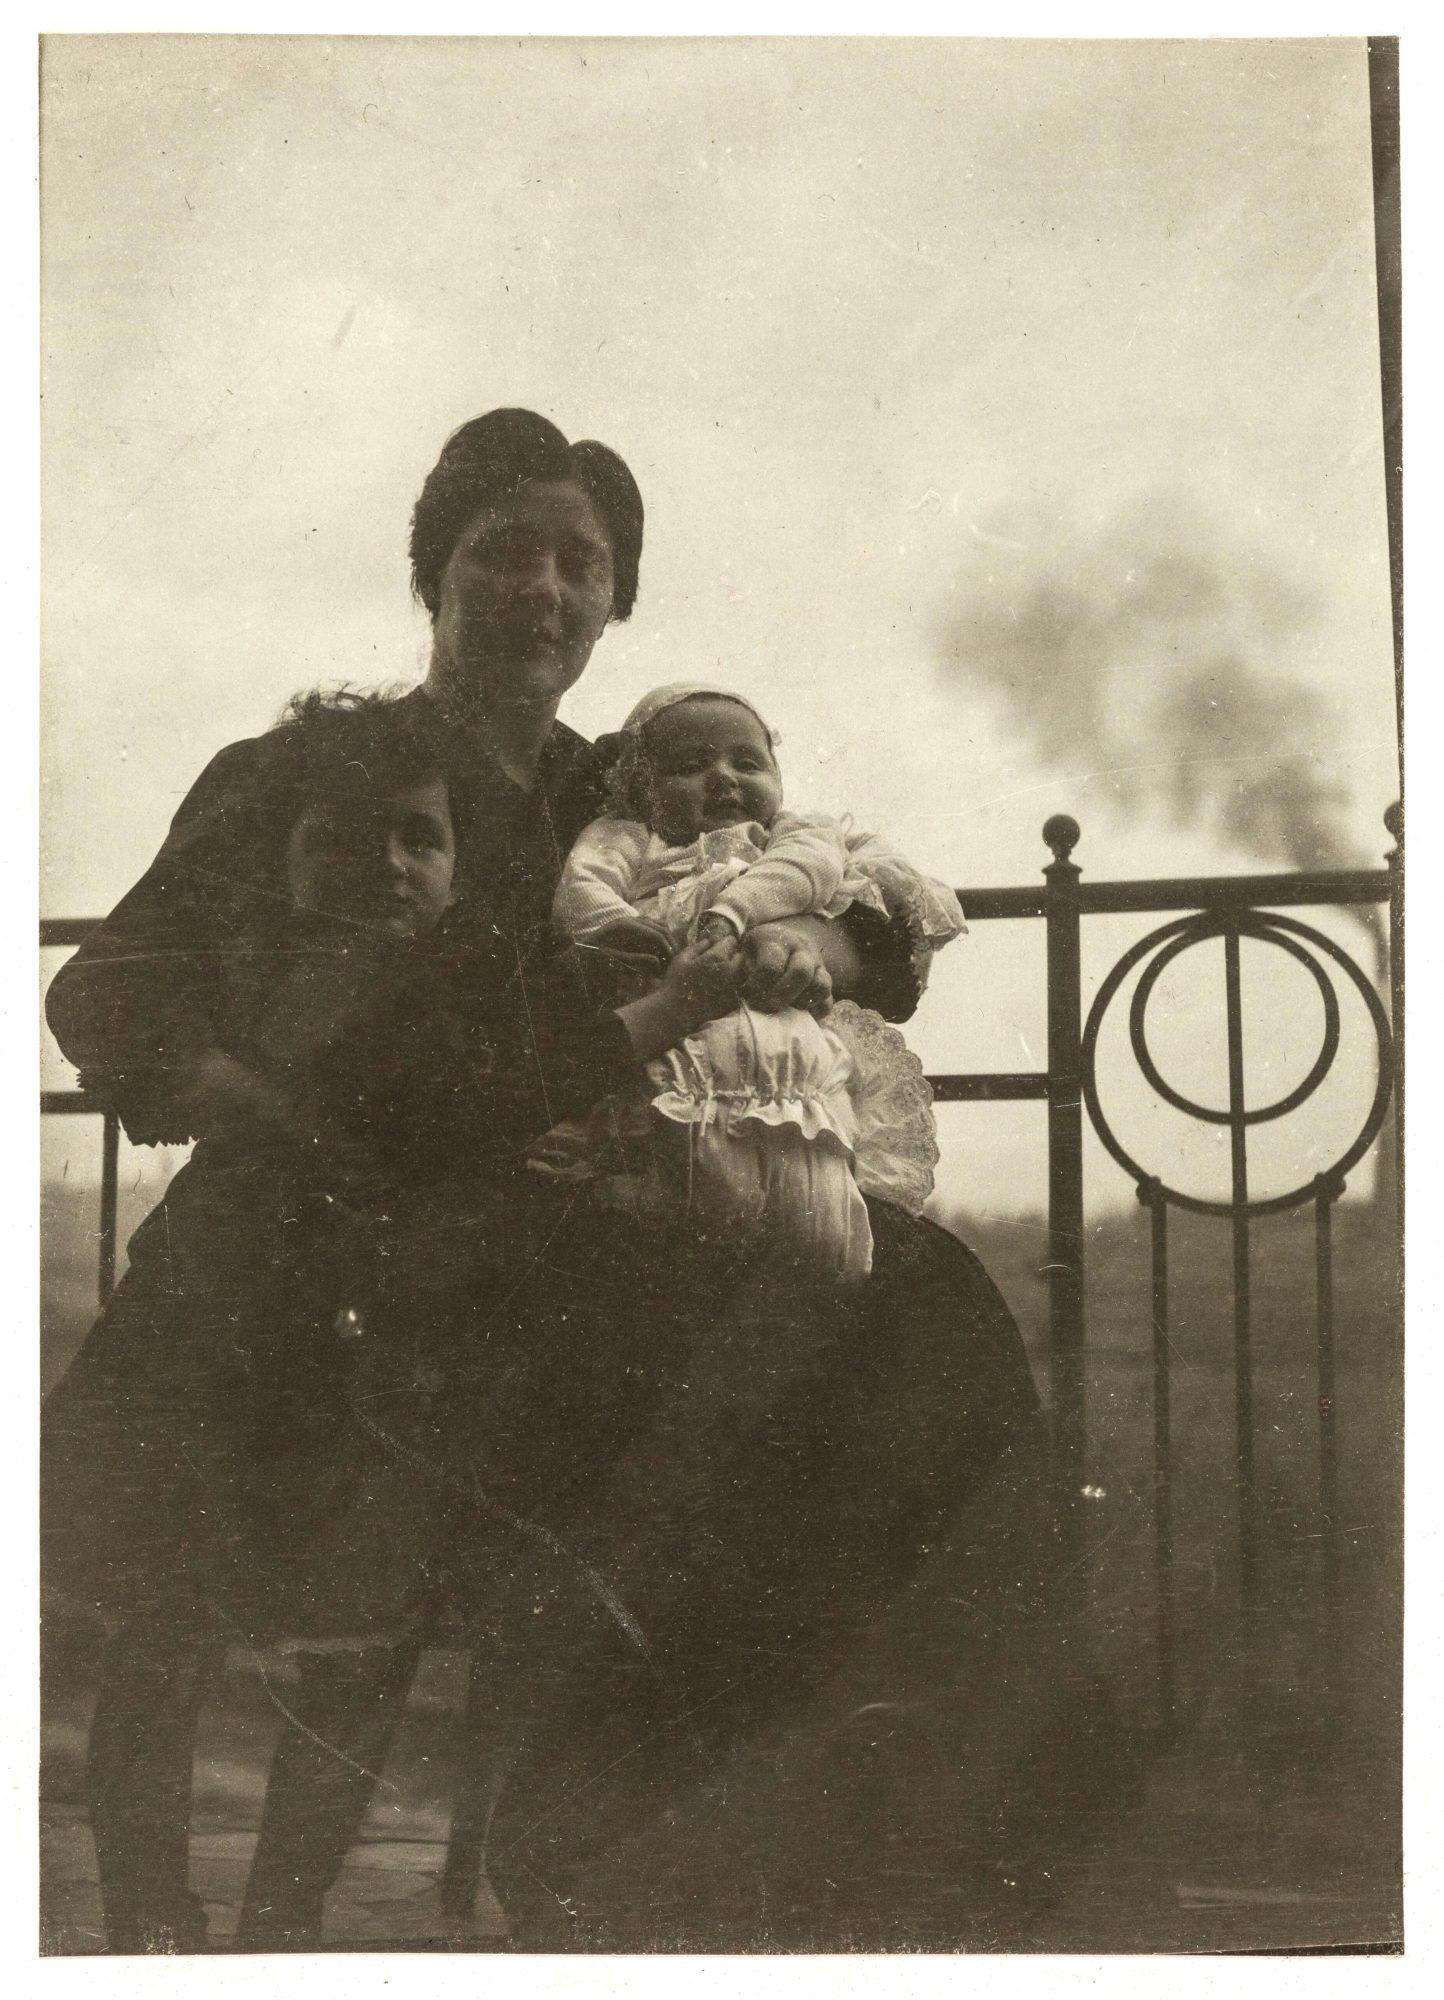 Melanie Klein 与长女Melitta 和长子 Hans合影,摄于 1907或1908年